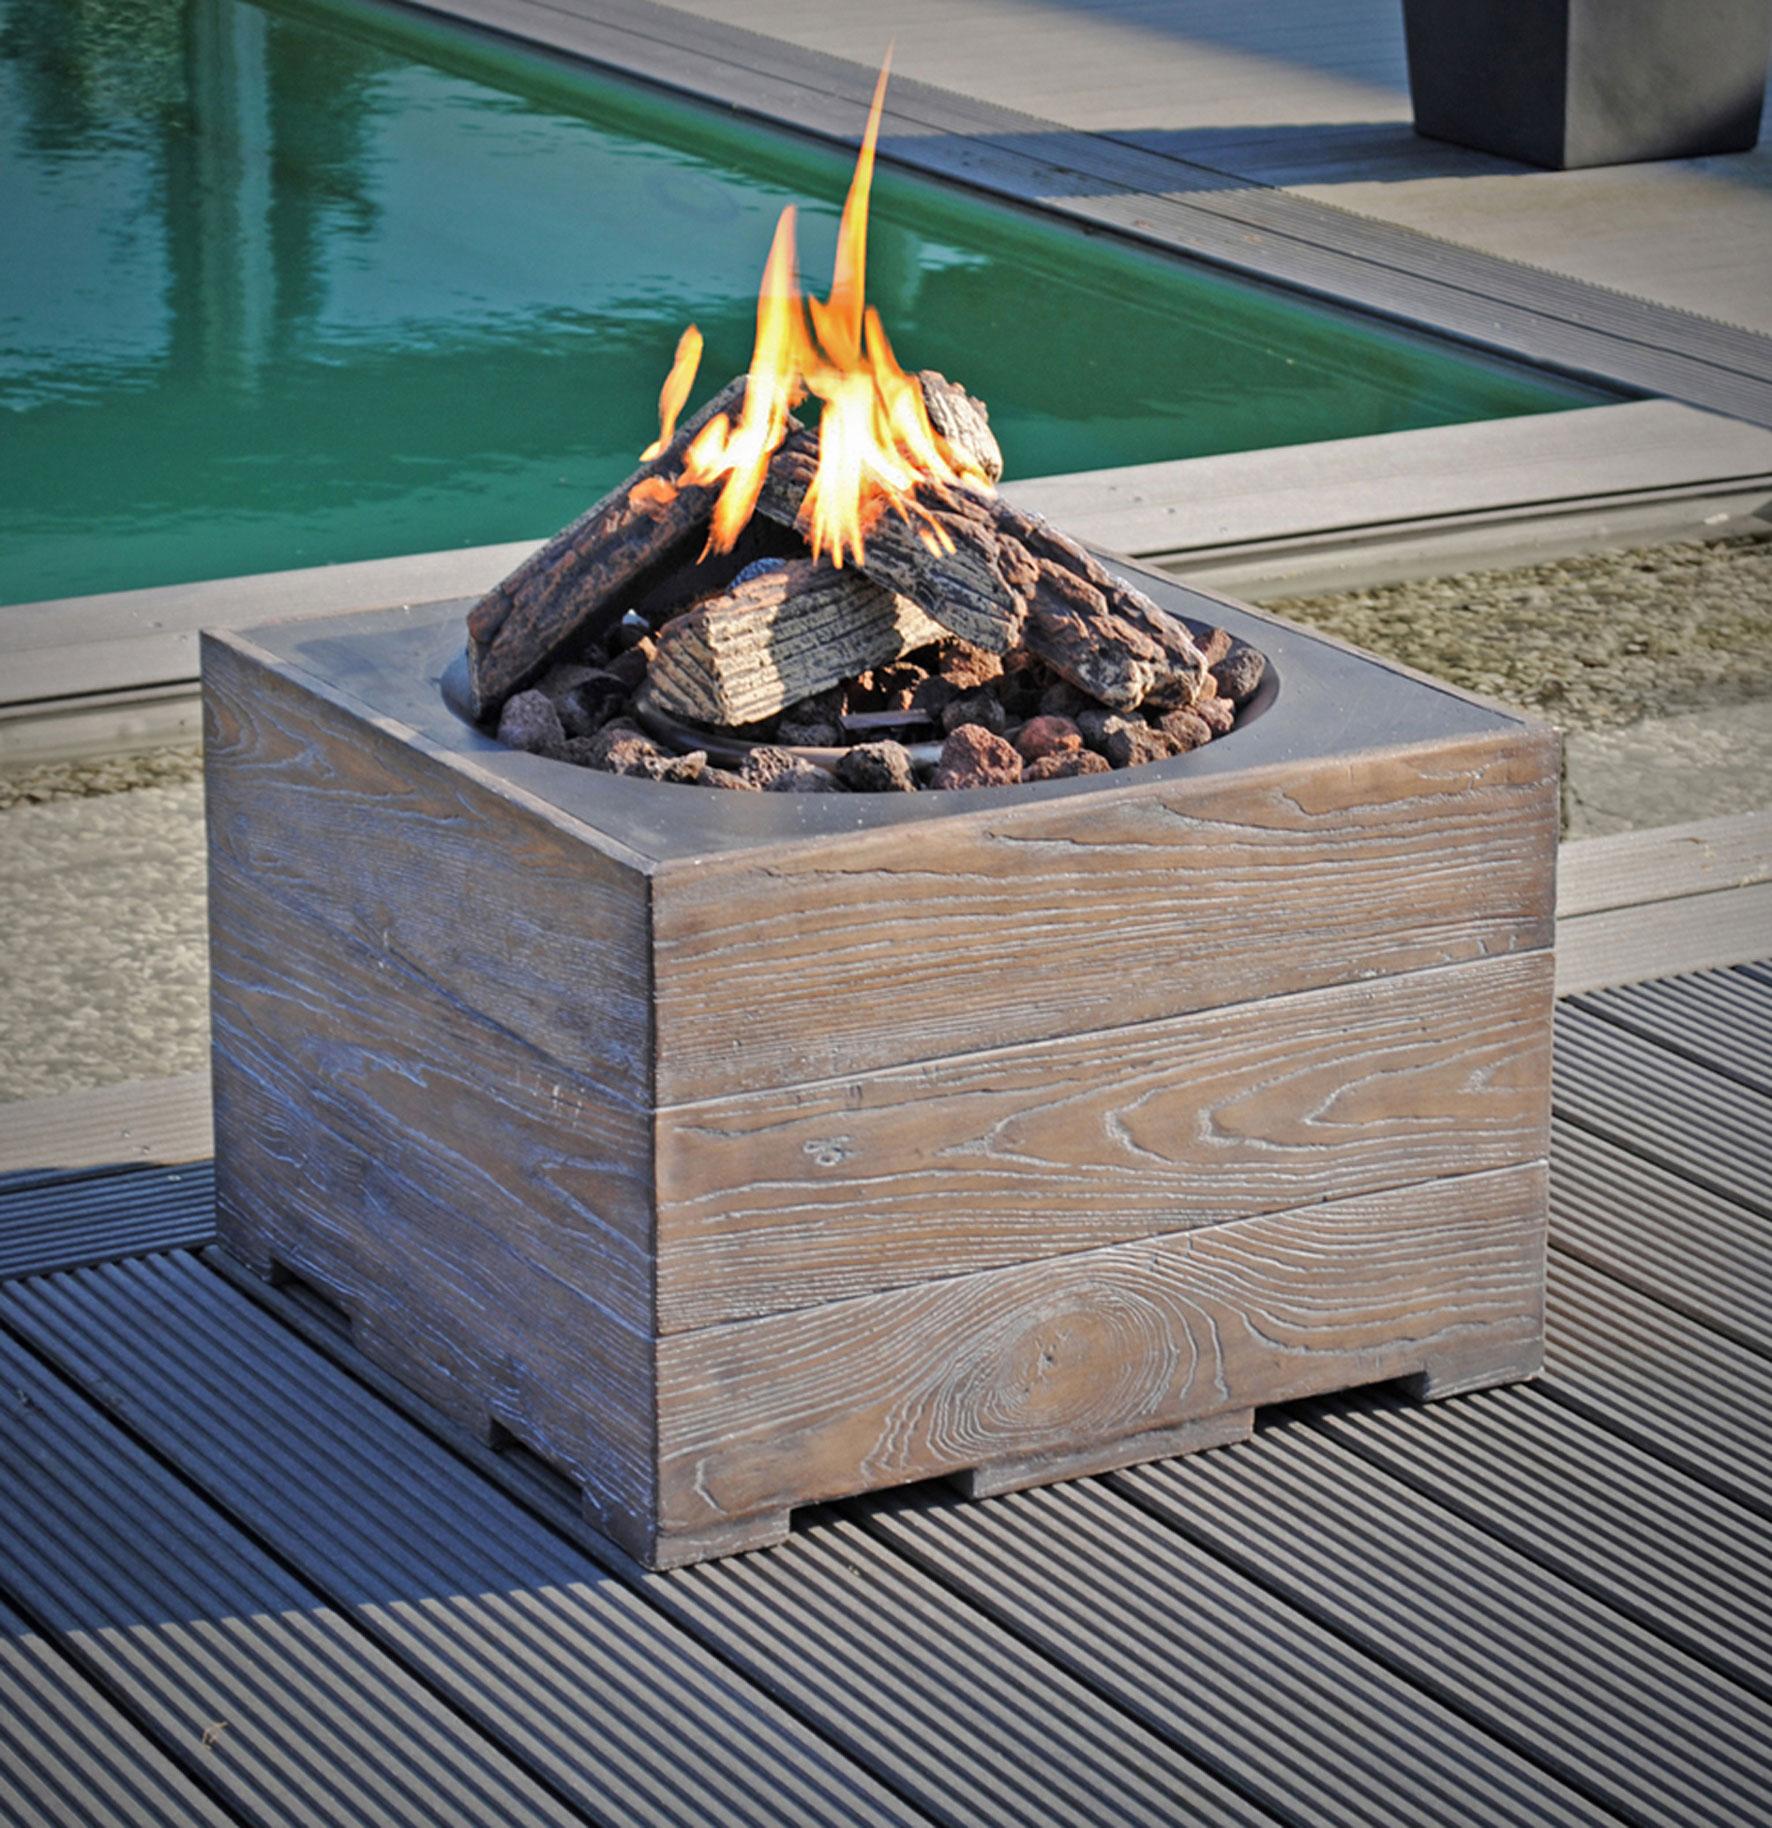 Terrassenfeuer Gas / Gartentisch Clifton Standard Teak 60x60cm 15kW Bild 2